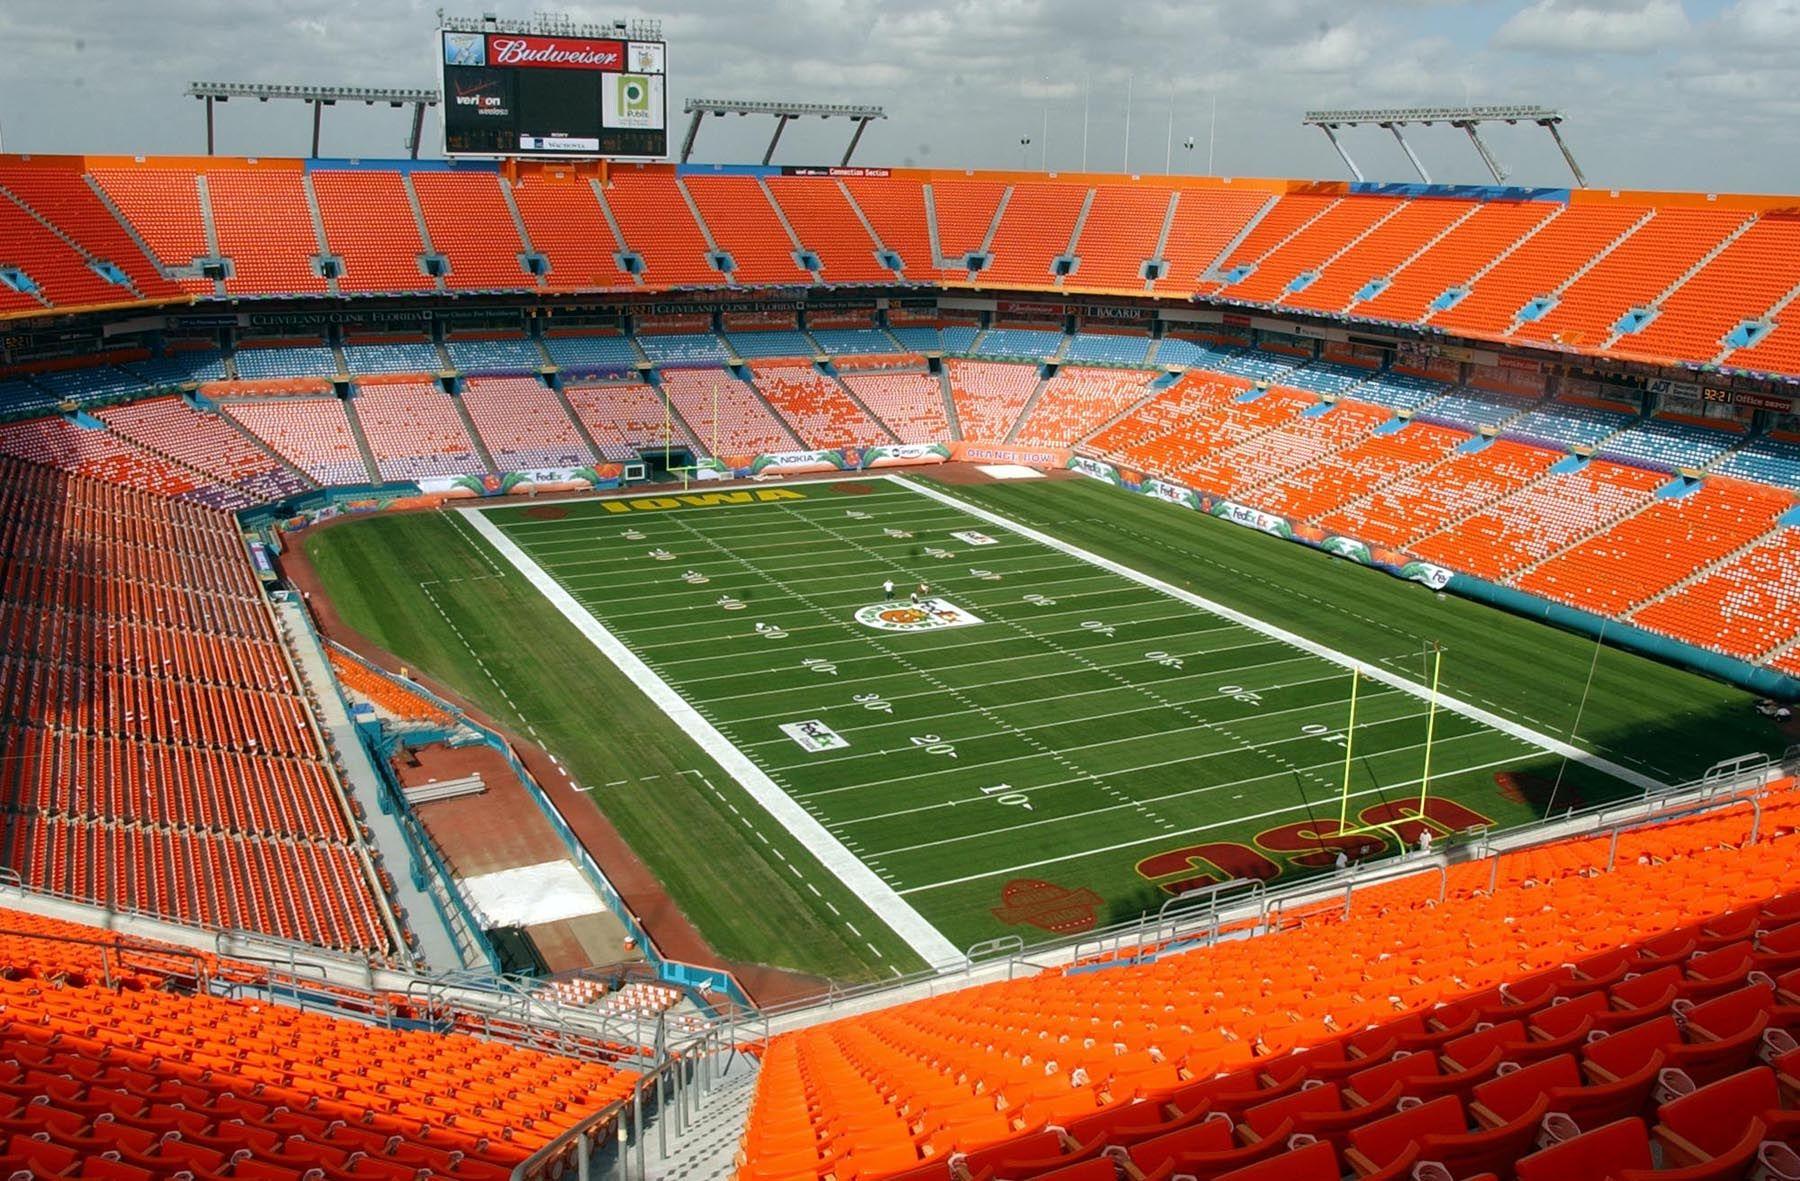 The Orange Bowl Estadios